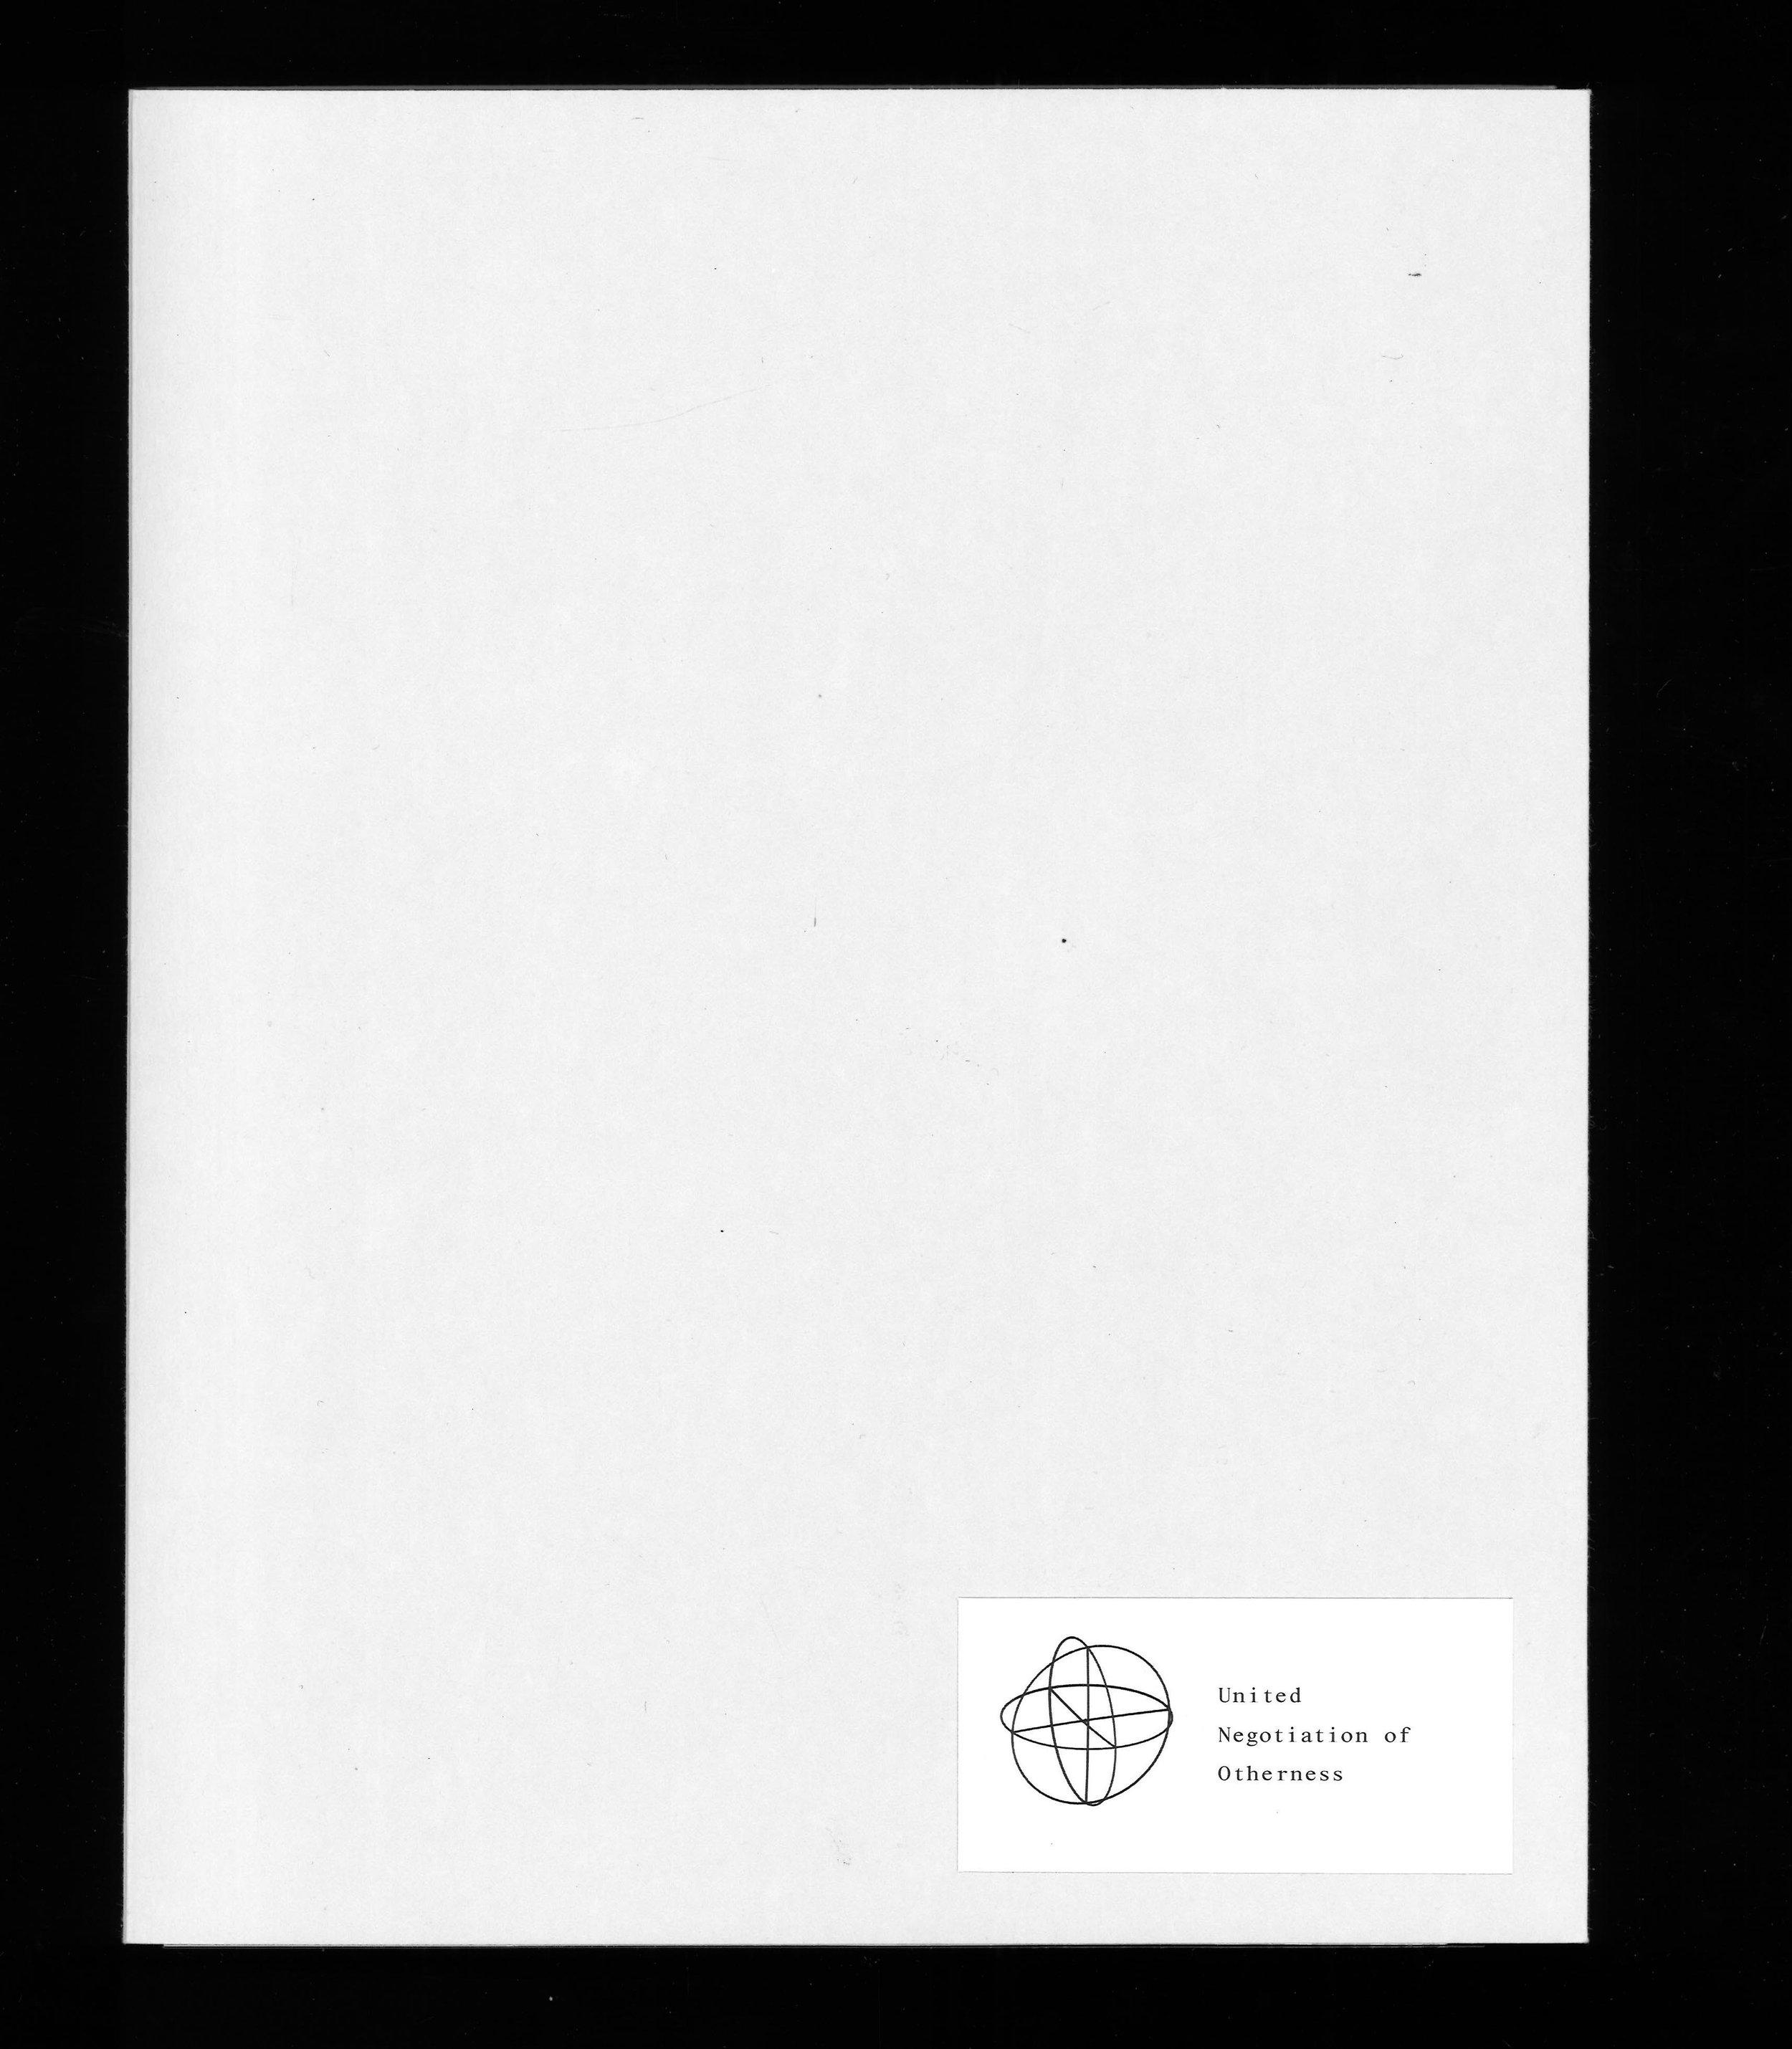 thesis_scans_72dpi (1 von 18).jpg